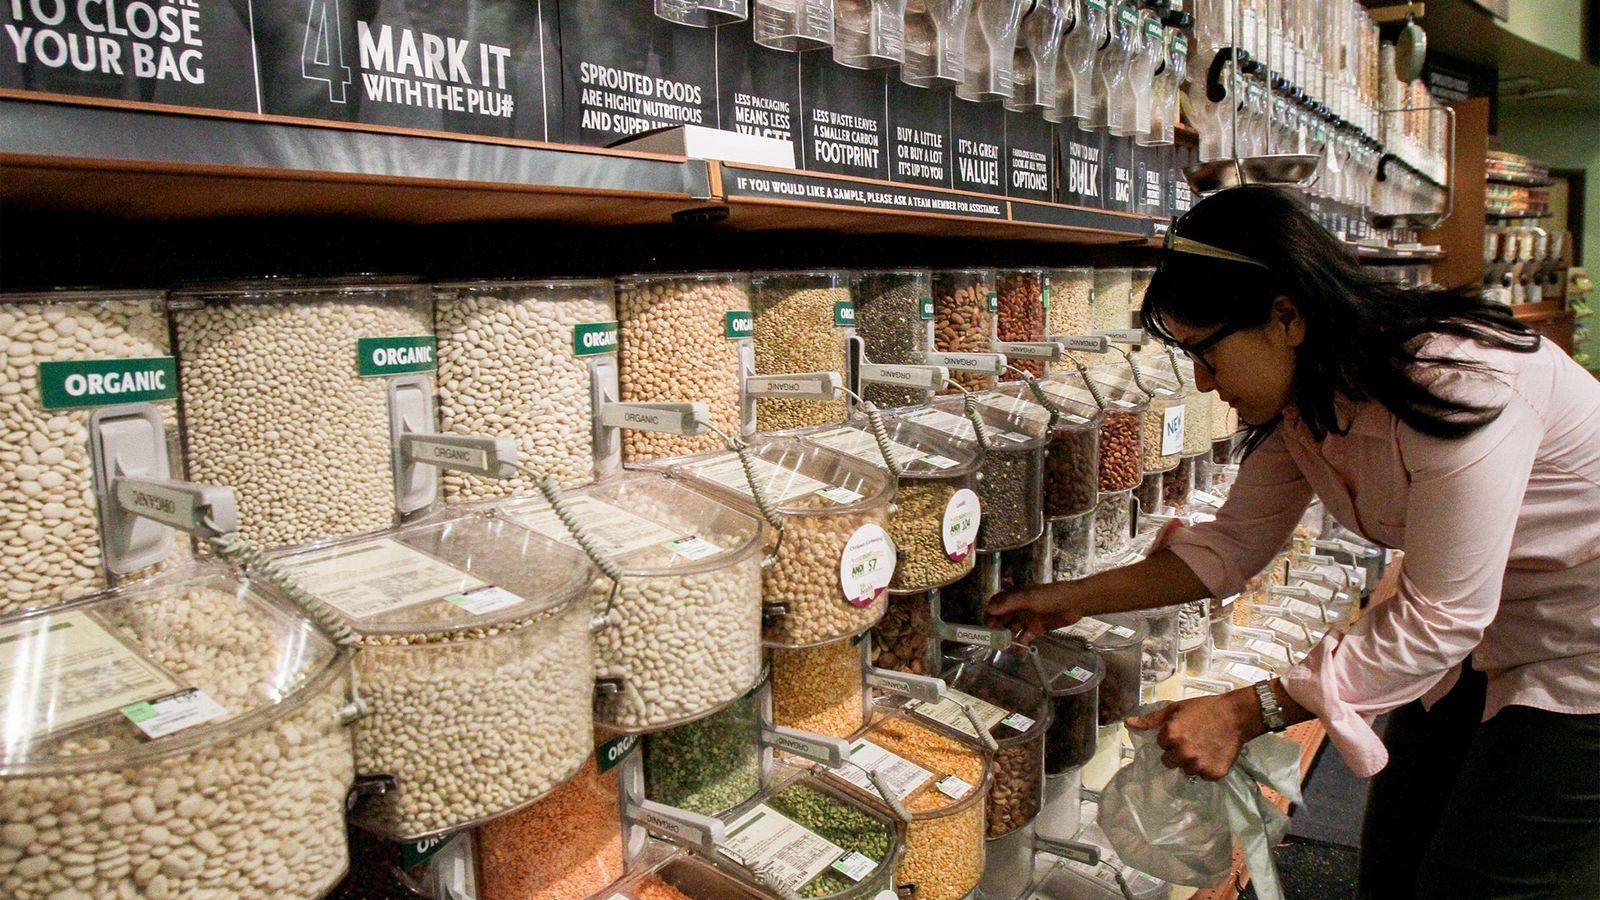 Comprar al por mayor puede ayudar a las familias a usar menos cantidad de empaquetados plásticos, ...